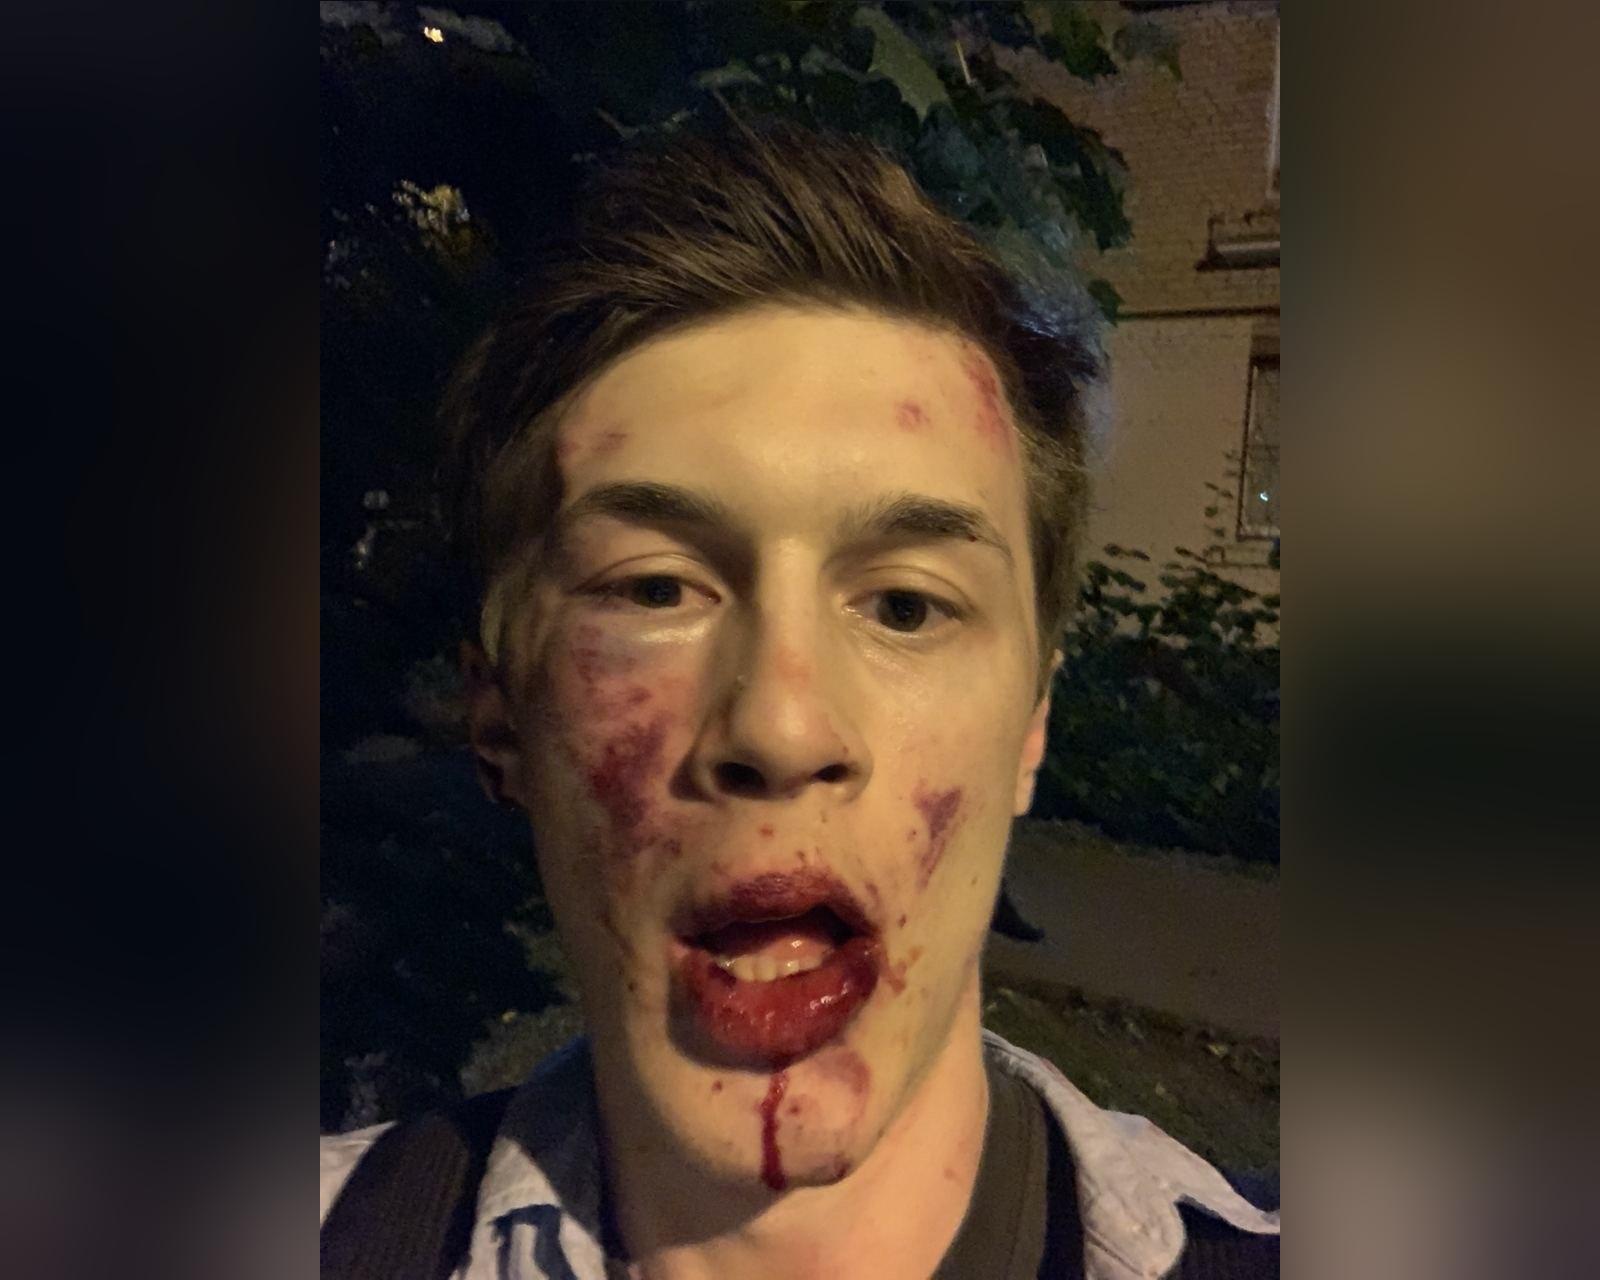 Оппозиционера Егора Жукова избили в Москве: полиция проводит проверку